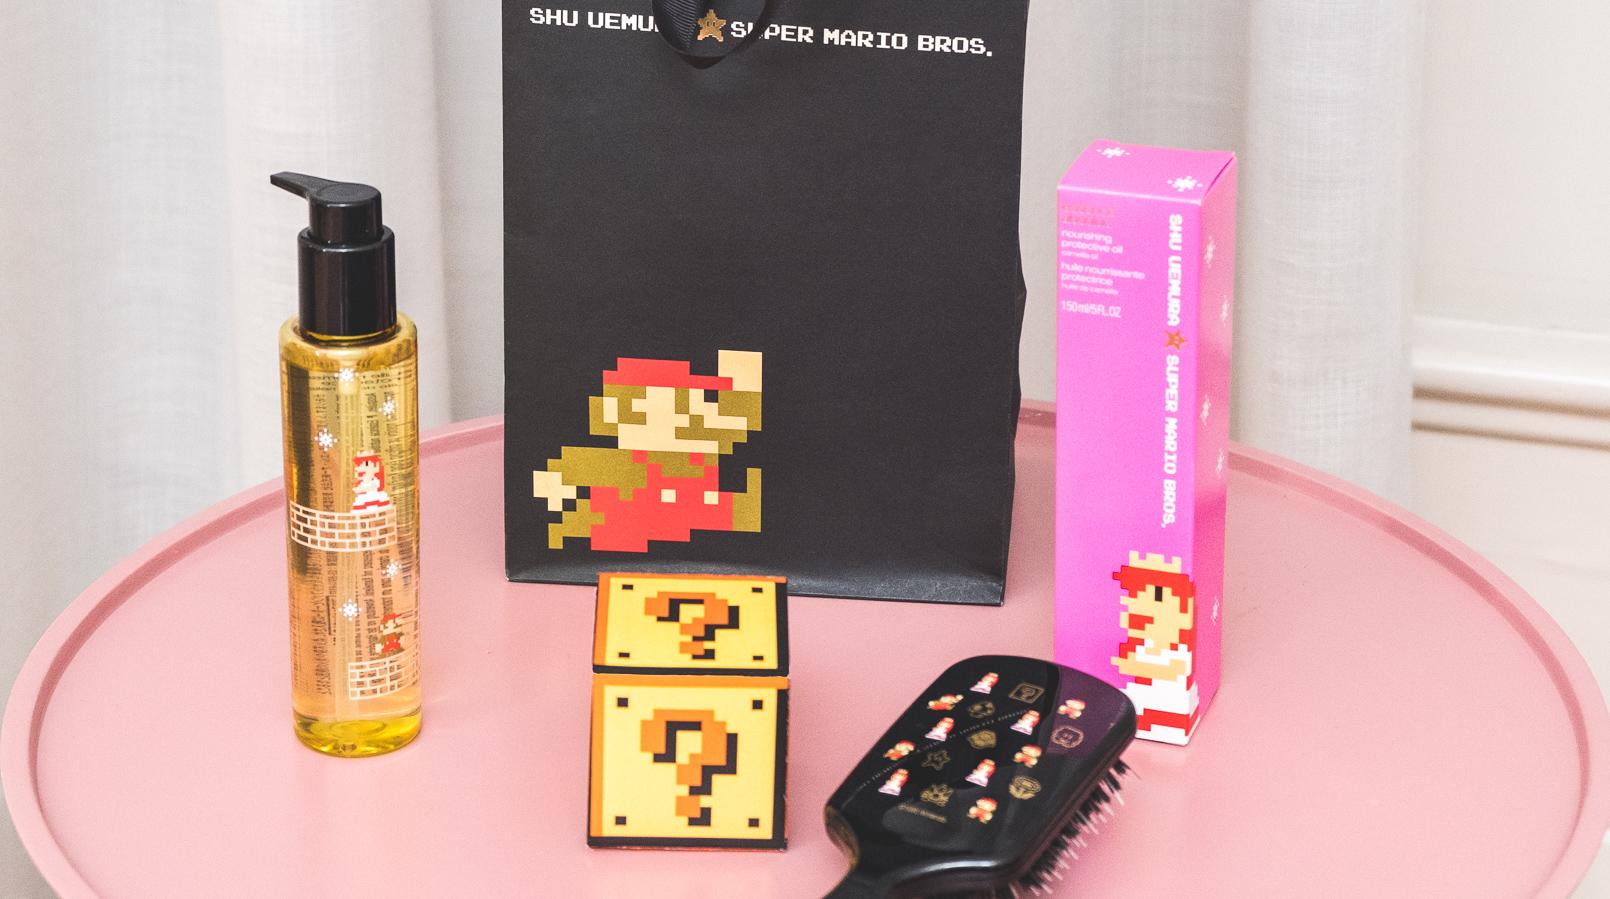 Le Fashionaire Shu Uemura X Super Mario: O segredo para um cabelo bonito oleo absolue oil shu uemura super mario escova preta super mario cerdas javali caixa rosa saco preto super mario ponto interrogacao caixa amarela 1162F PT